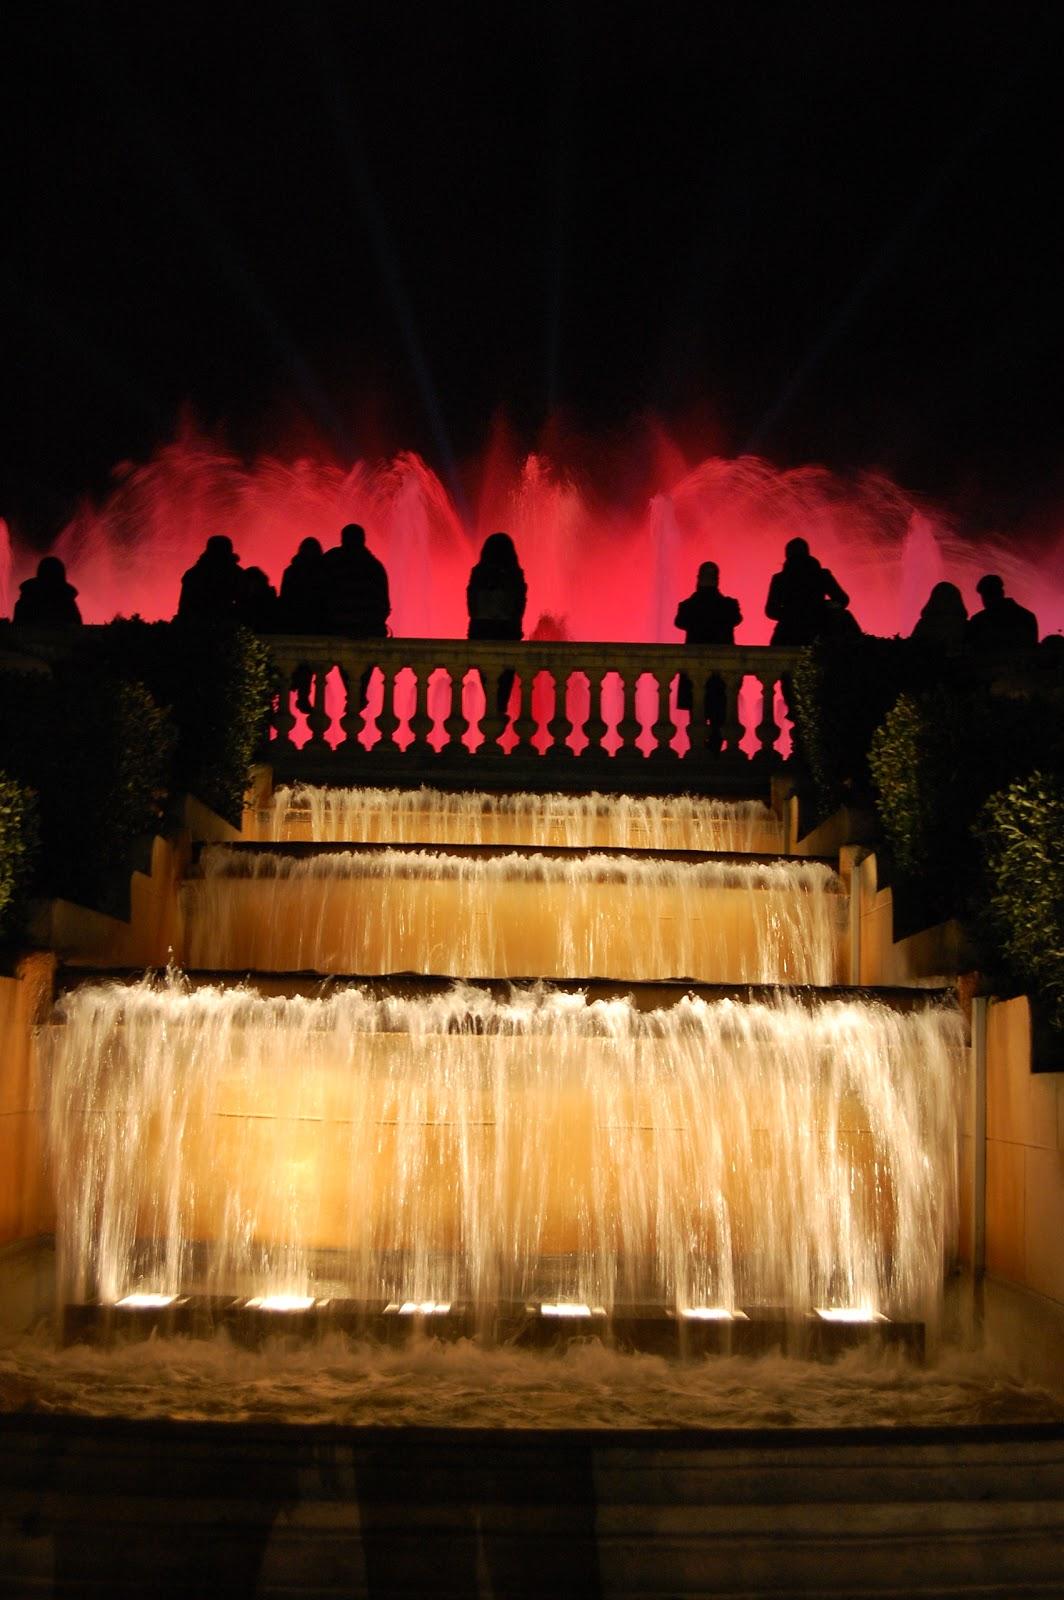 Barcelona como espect culo sdr 2011 la fuente m gica de for Espectaculo fuentes de montjuic